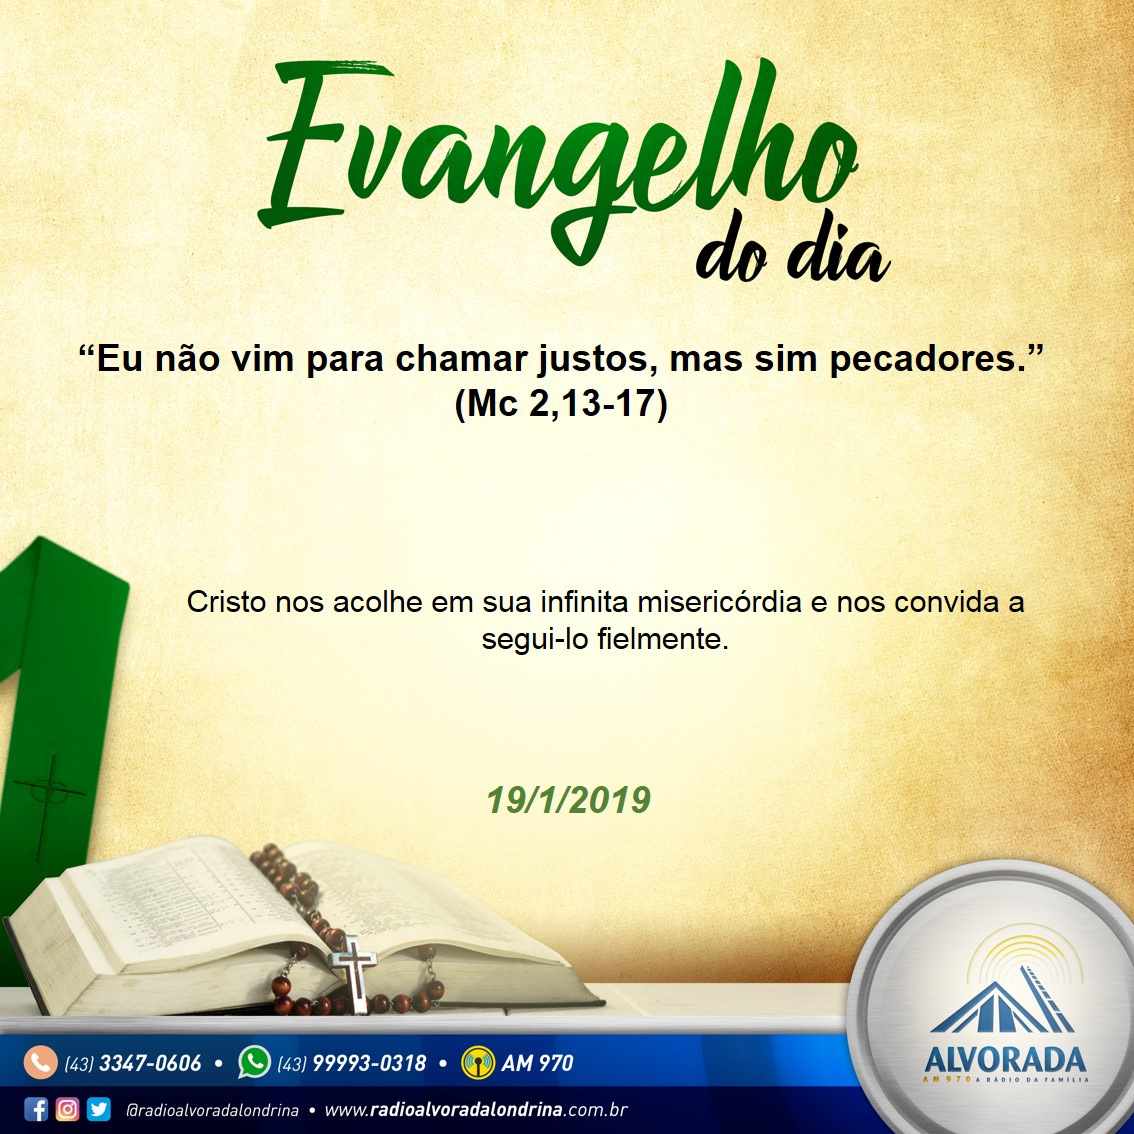 radio_alvorada_post_evangelho_do_dia_VERDE 190119